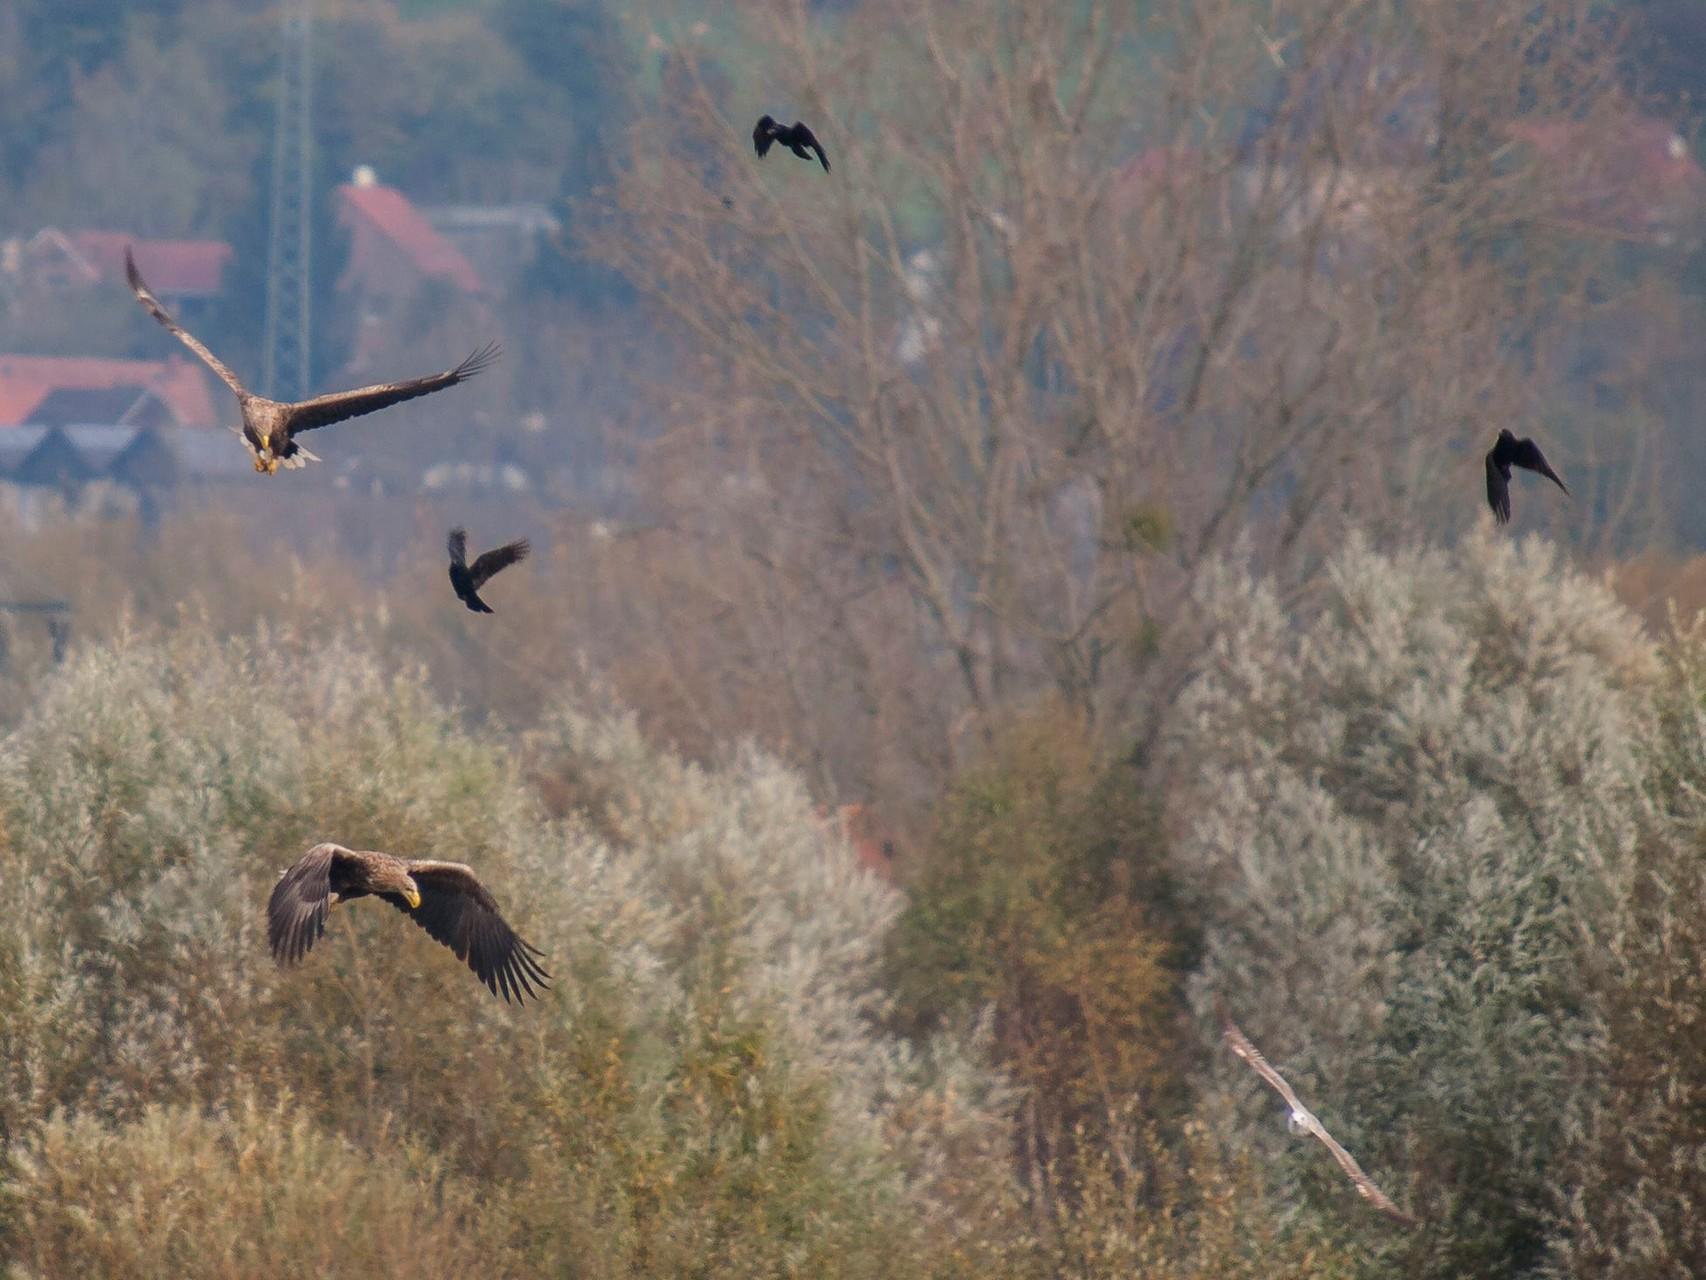 Bei der Jagd werden die Seeadler oft von Krähen verfolgt. - Foto: Kathy Büscher